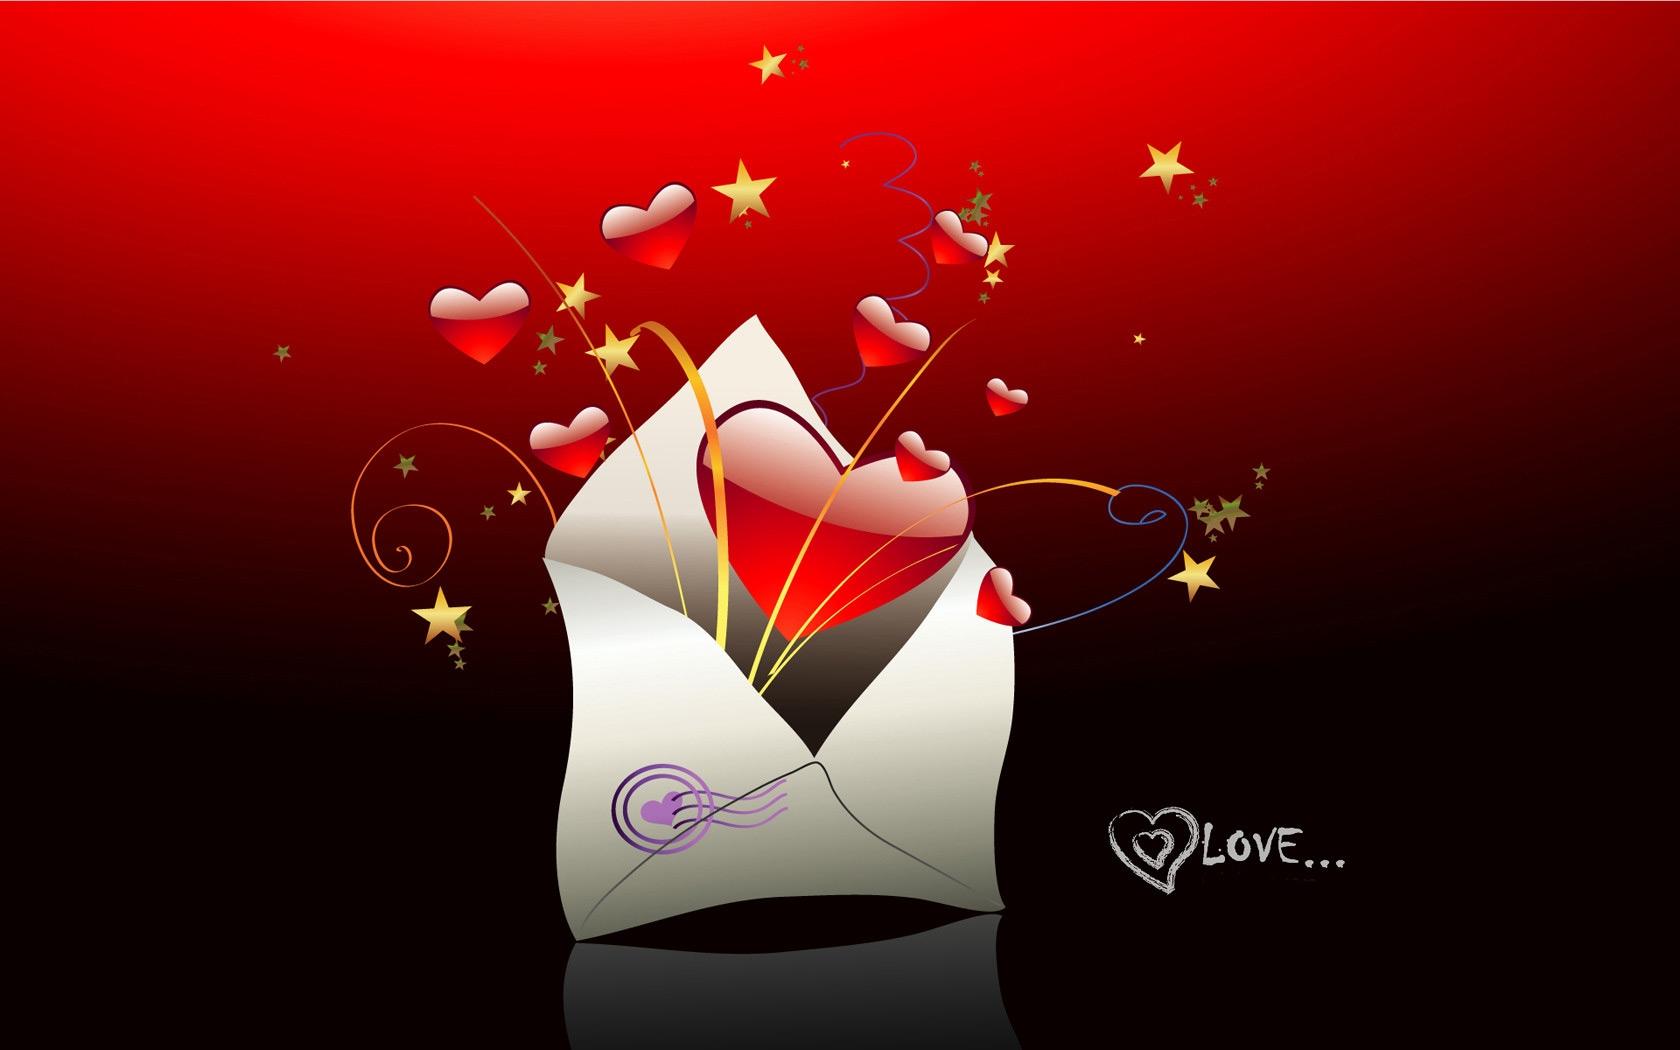 Открытки с днем рождения про любовь